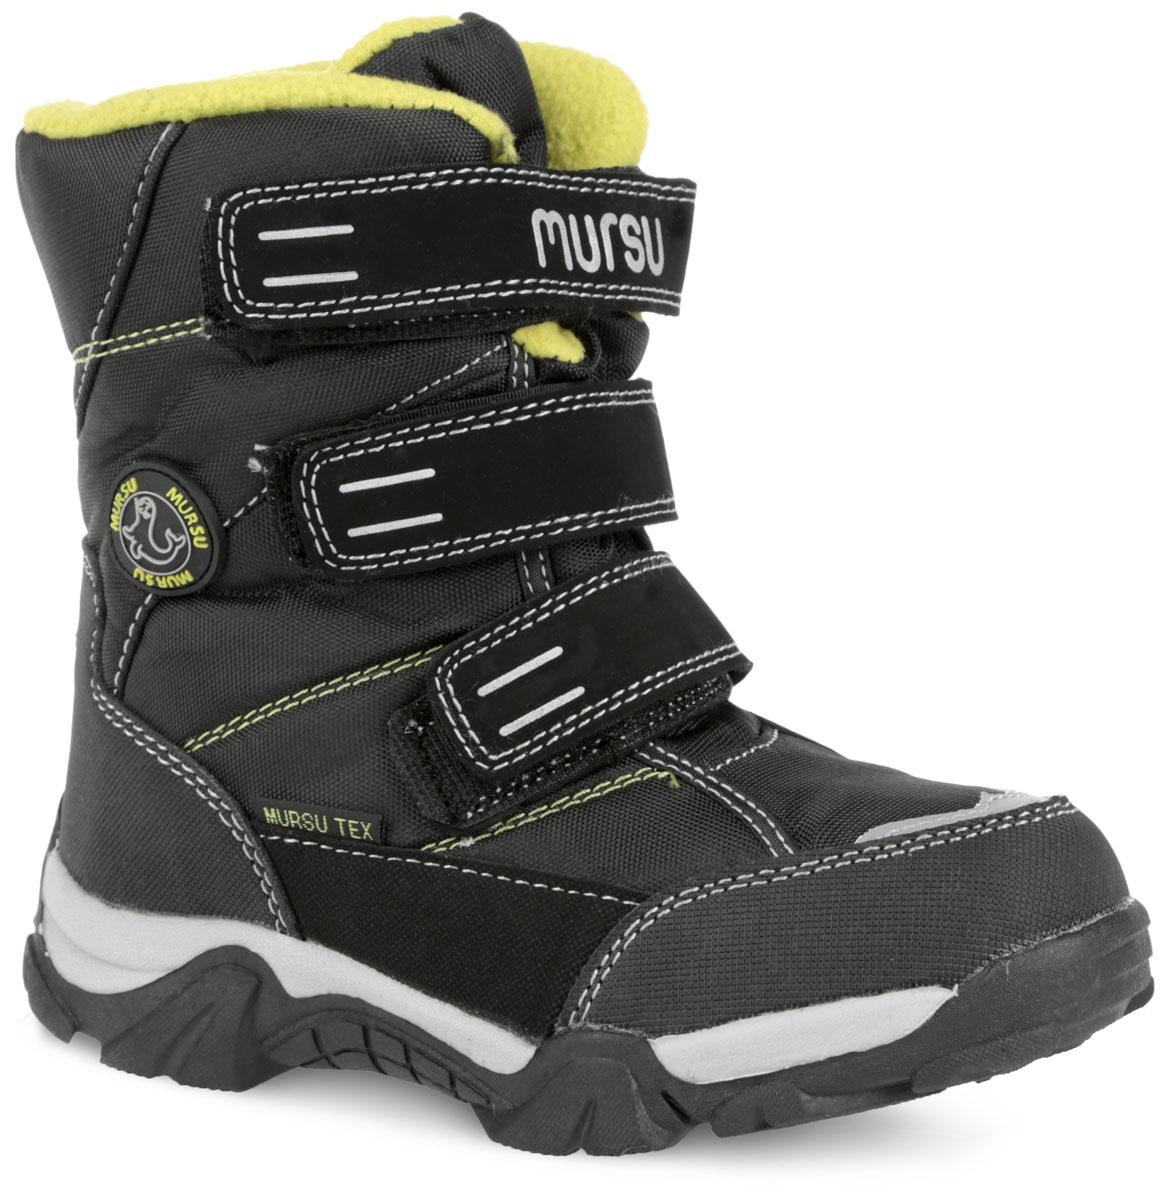 Ботинки для мальчика. 21040022104002Модные ботинки от Mursu покорят вашего мальчика с первого взгляда. Модель выполнена из текстиля со вставками из искусственной кожи. Вдоль ранта модель оснащена защитными вставками. Три ремешка на застежках-липучках, расположенные поверх язычка изделия, надежно фиксируют обувь на ноге. Подкладка и стелька, выполненные из искусственной шерсти, согреют ножки в холодную погоду. Светоотражающие вставки увеличивают безопасность вашего ребенка. Подошва с рельефным протектором гарантируют идеальное сцепление с любыми поверхностями. Удобные ботинки - необходимая вещь в гардеробе каждого ребенка.